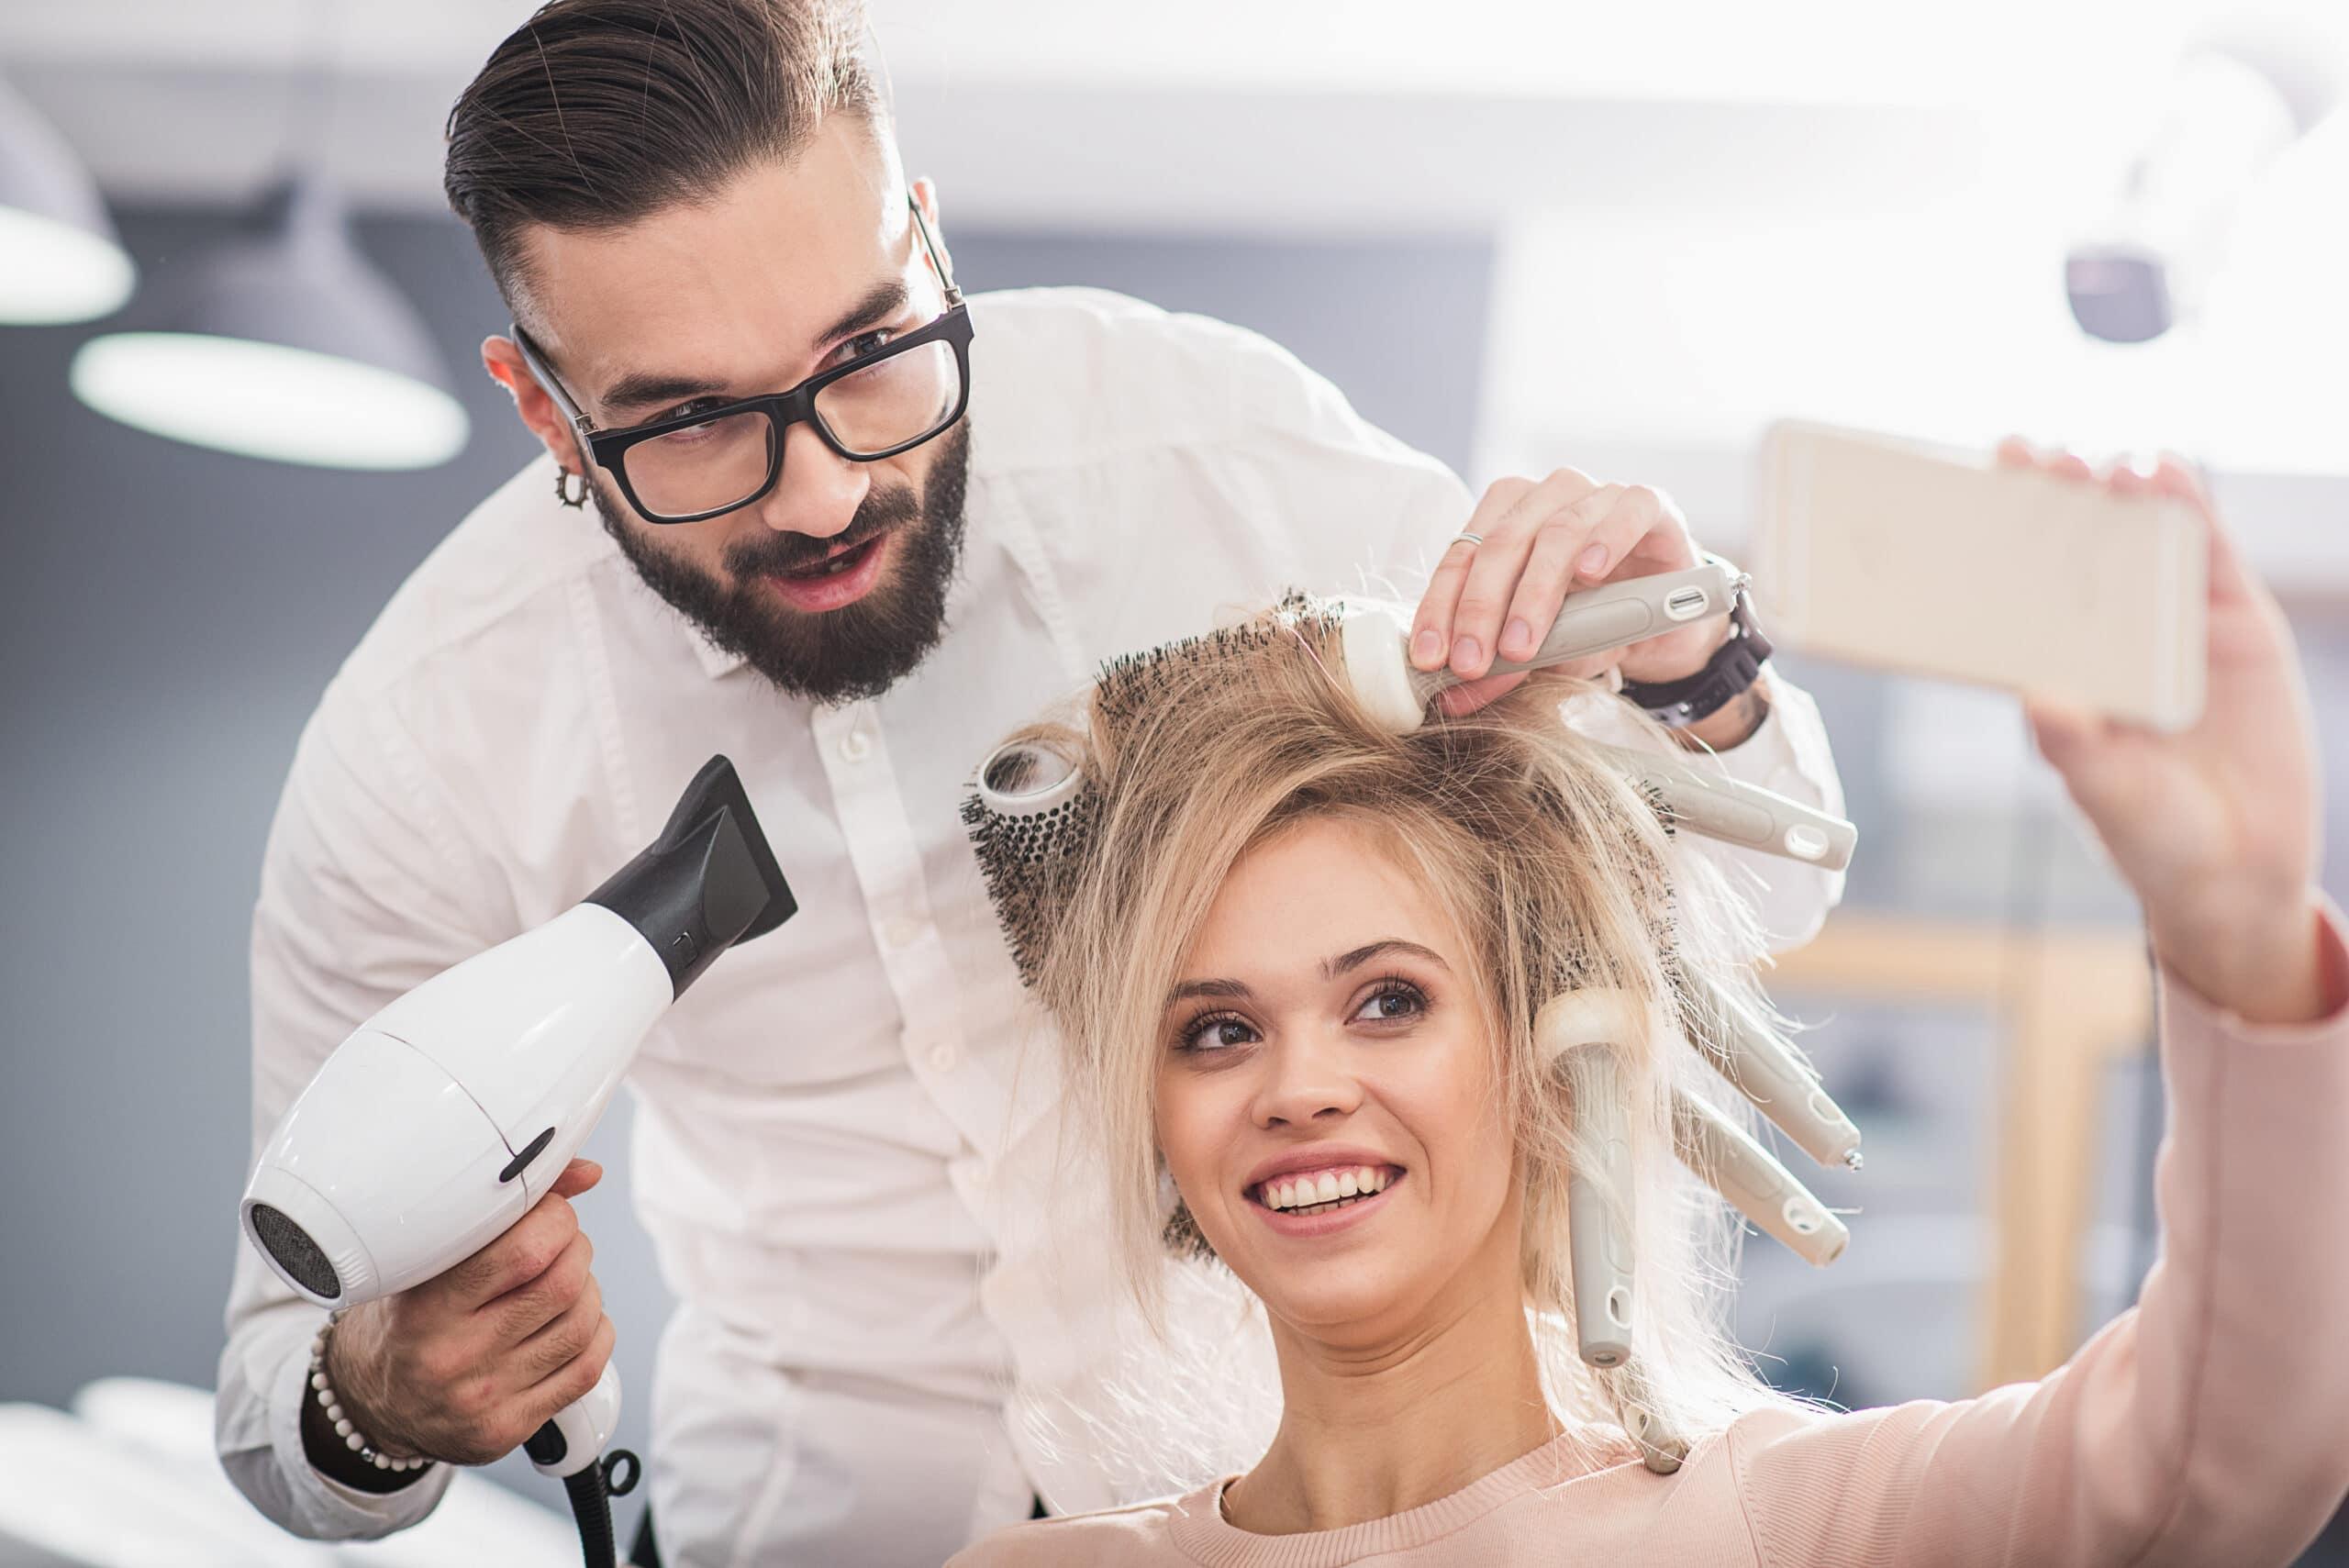 Toimialan valinta. Parturikampaaja föönaa asiakkaan hiuksia.